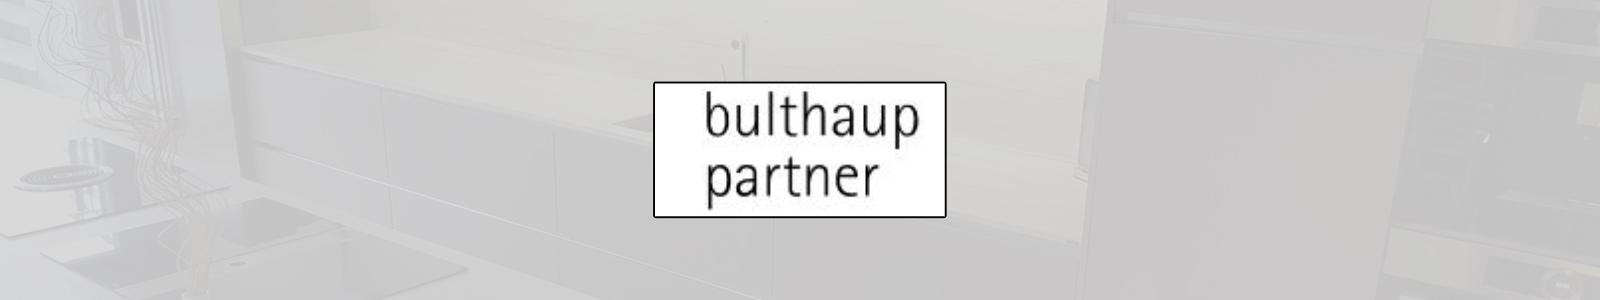 Bulthaup Im Stilwerk In Hamburg Kuchenstudio Kuchenplanung